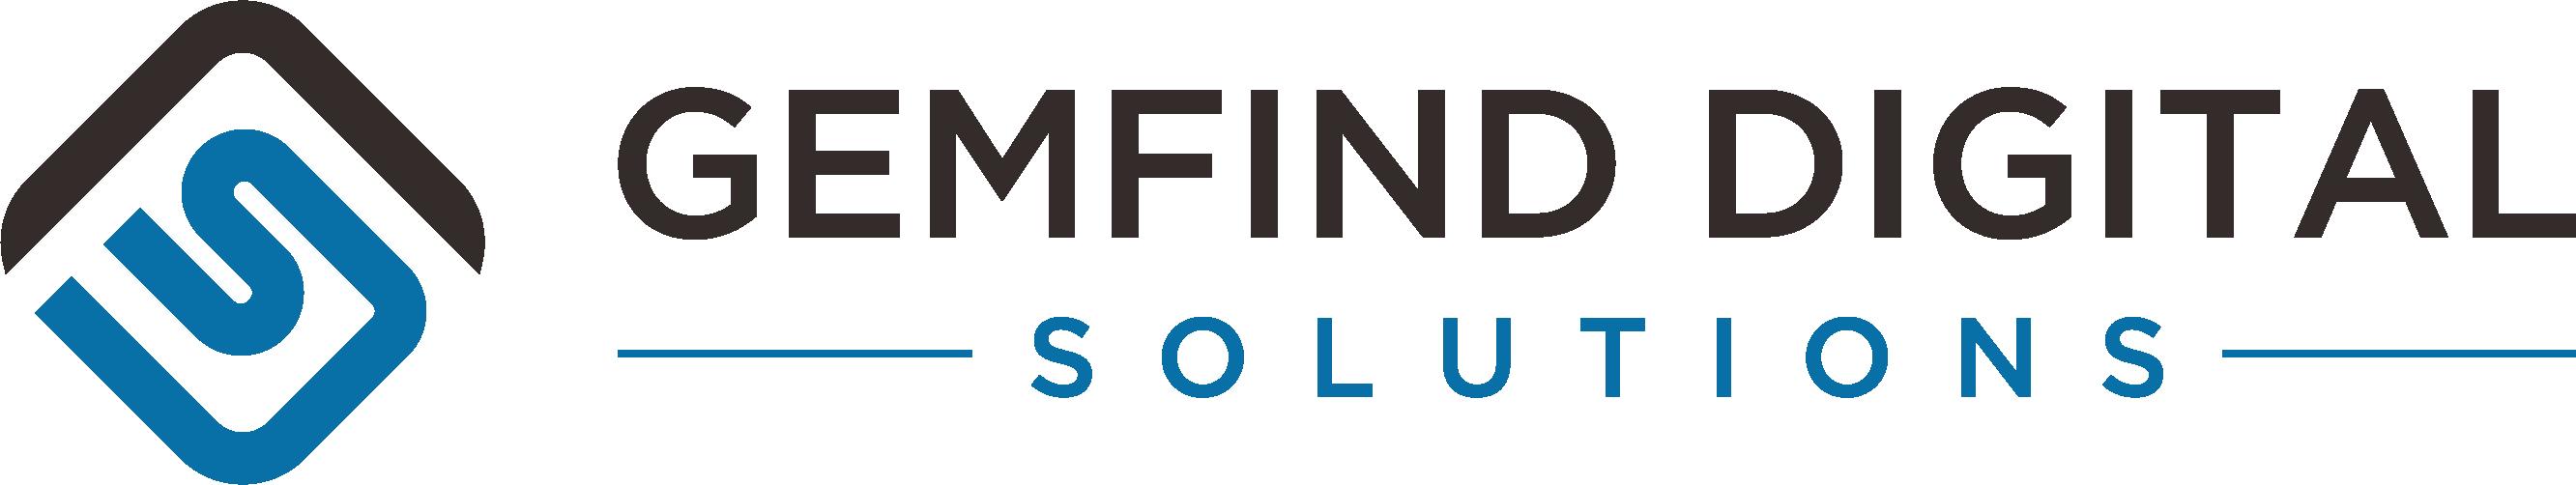 GemFind Digital Solutions - Side ( Two Color )-1